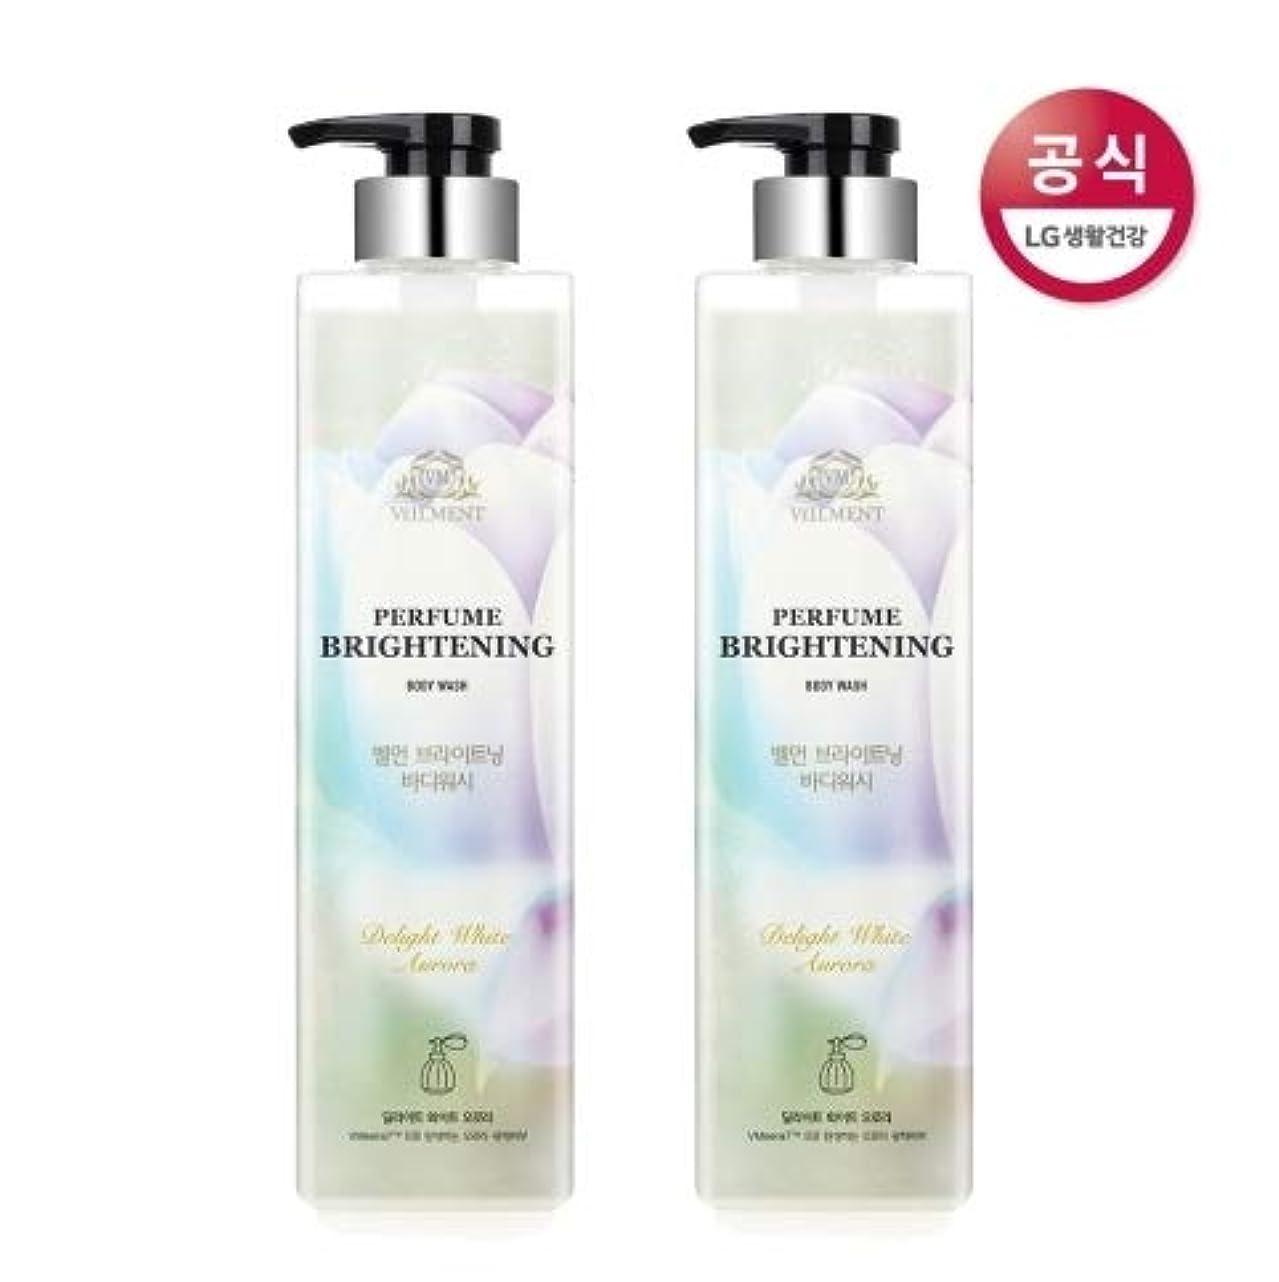 民間人イル軸[LG HnB] On the Body Belman Perfume Brightening Body Wash / オンザボディベルモンパフュームブライトニングボディウォッシュ680mlx2個(海外直送品)